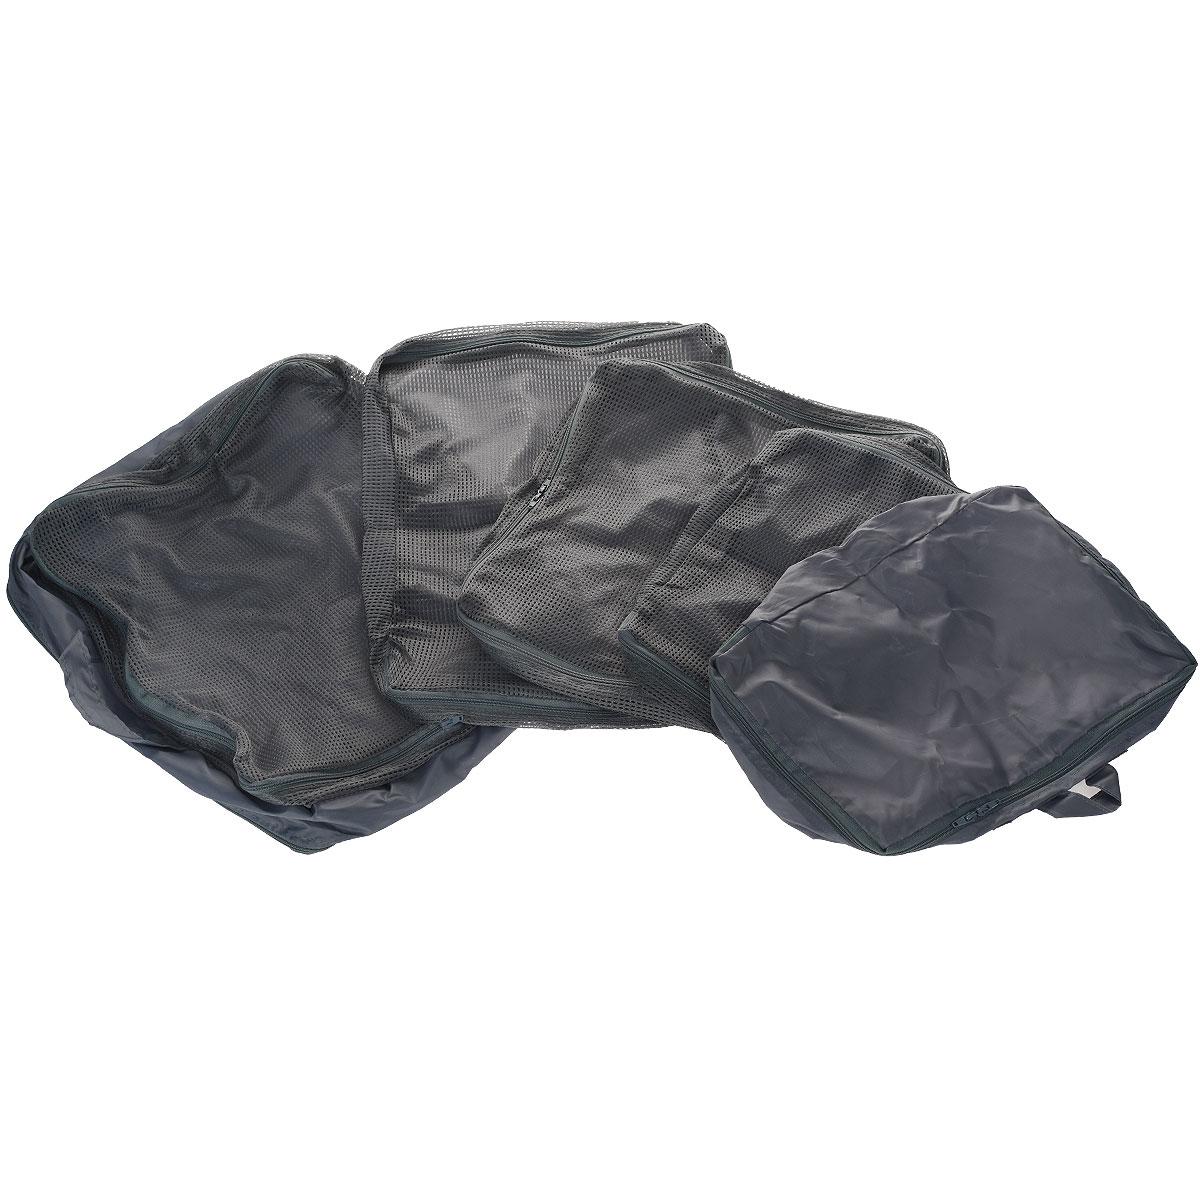 Набор чехлов для путешествий Bradex Бон Вояж, цвет: серый. TD 0222ГризлиНабор чехлов для путешествий Bradex Бон Вояж включает в себя 5 чехлов разного размера, изготовленных из полиэстера серого цвета. Чехлы закрываются на застежку-молнию и оснащены сетчатыми вставками, благодаря которым вы без труда сможете определить их содержимое. Чехлы-органайзеры помогут аккуратно разместить и защитить вещи внутри чемодана, а также упростят сборы и распаковку вещей. Характеристики:Материал: полиэстер. Цвет: серый. Размеры чехлов: 25 см x 18,5 см x 5 см. 35,5 см x 32 см x 12,5 см.36 см x 28,5 см x 6 см.29 см x 28 см x 6 см. 30 см x 20 см x 10 см. Изготовитель: Китай. Артикул:TD 0222.